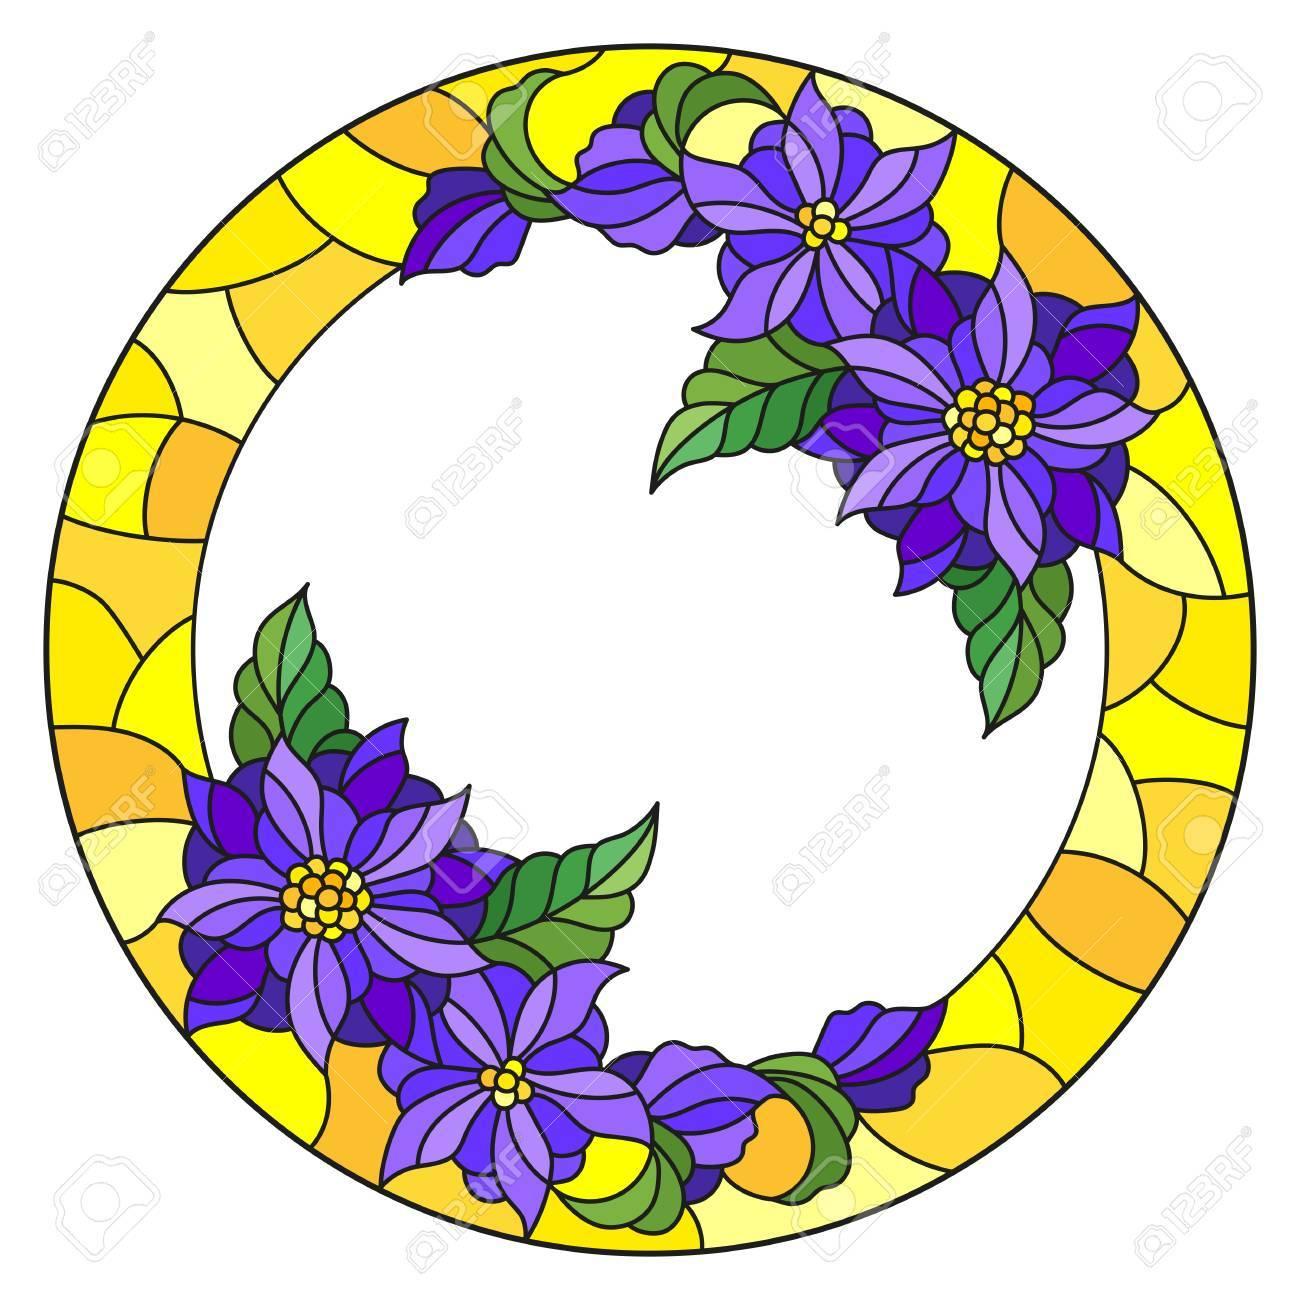 Ilustración En Marco De Flor De Estilo De Vidrieras, Flores Púrpuras ...